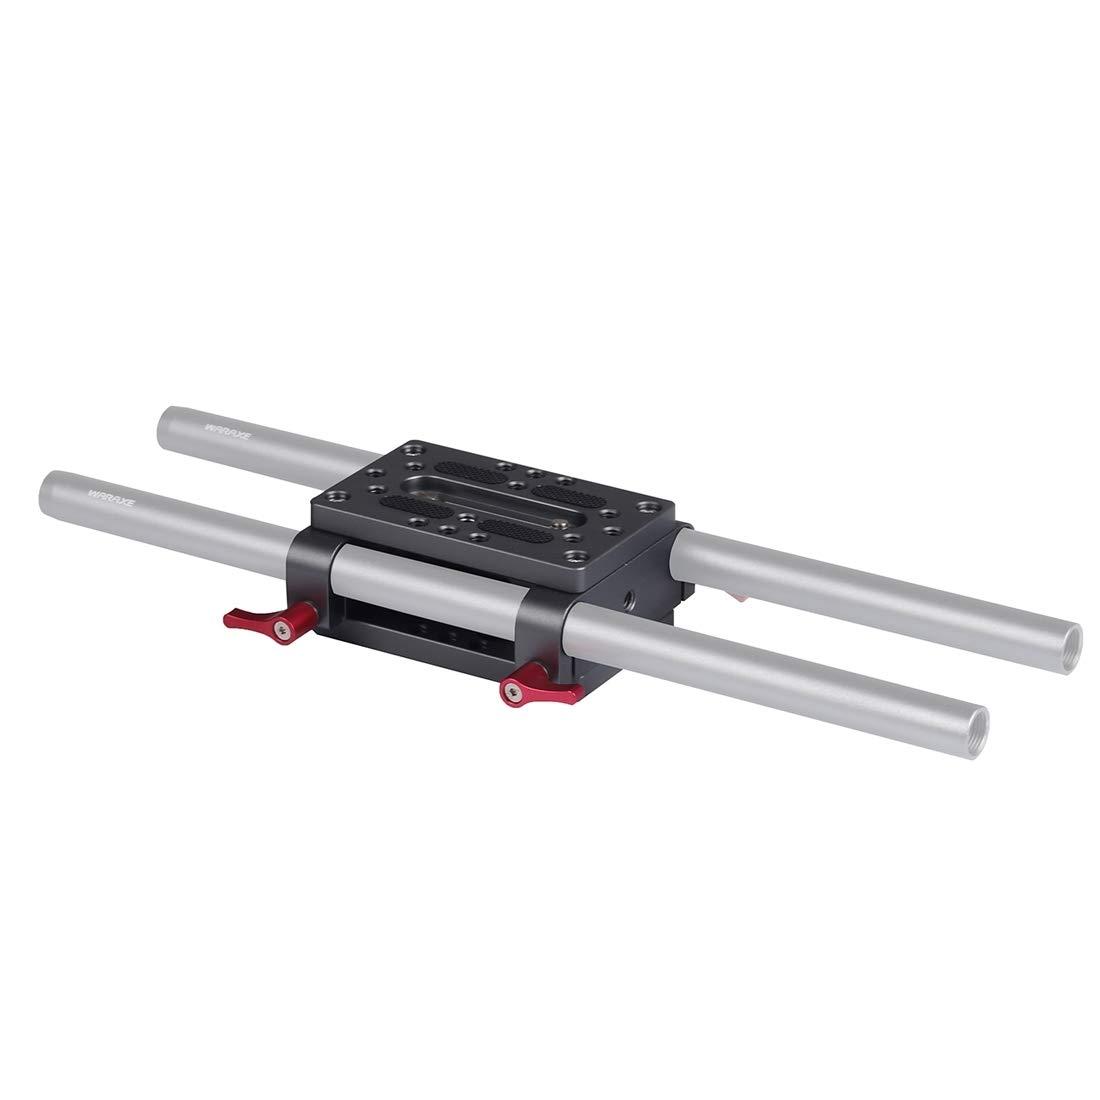 ロッドサポート用15mmロッドクランプレールブロック付き三脚取り付けプレート/ DSLRリギッドケージ, (Color : ブラック)   B07NRD9MSF